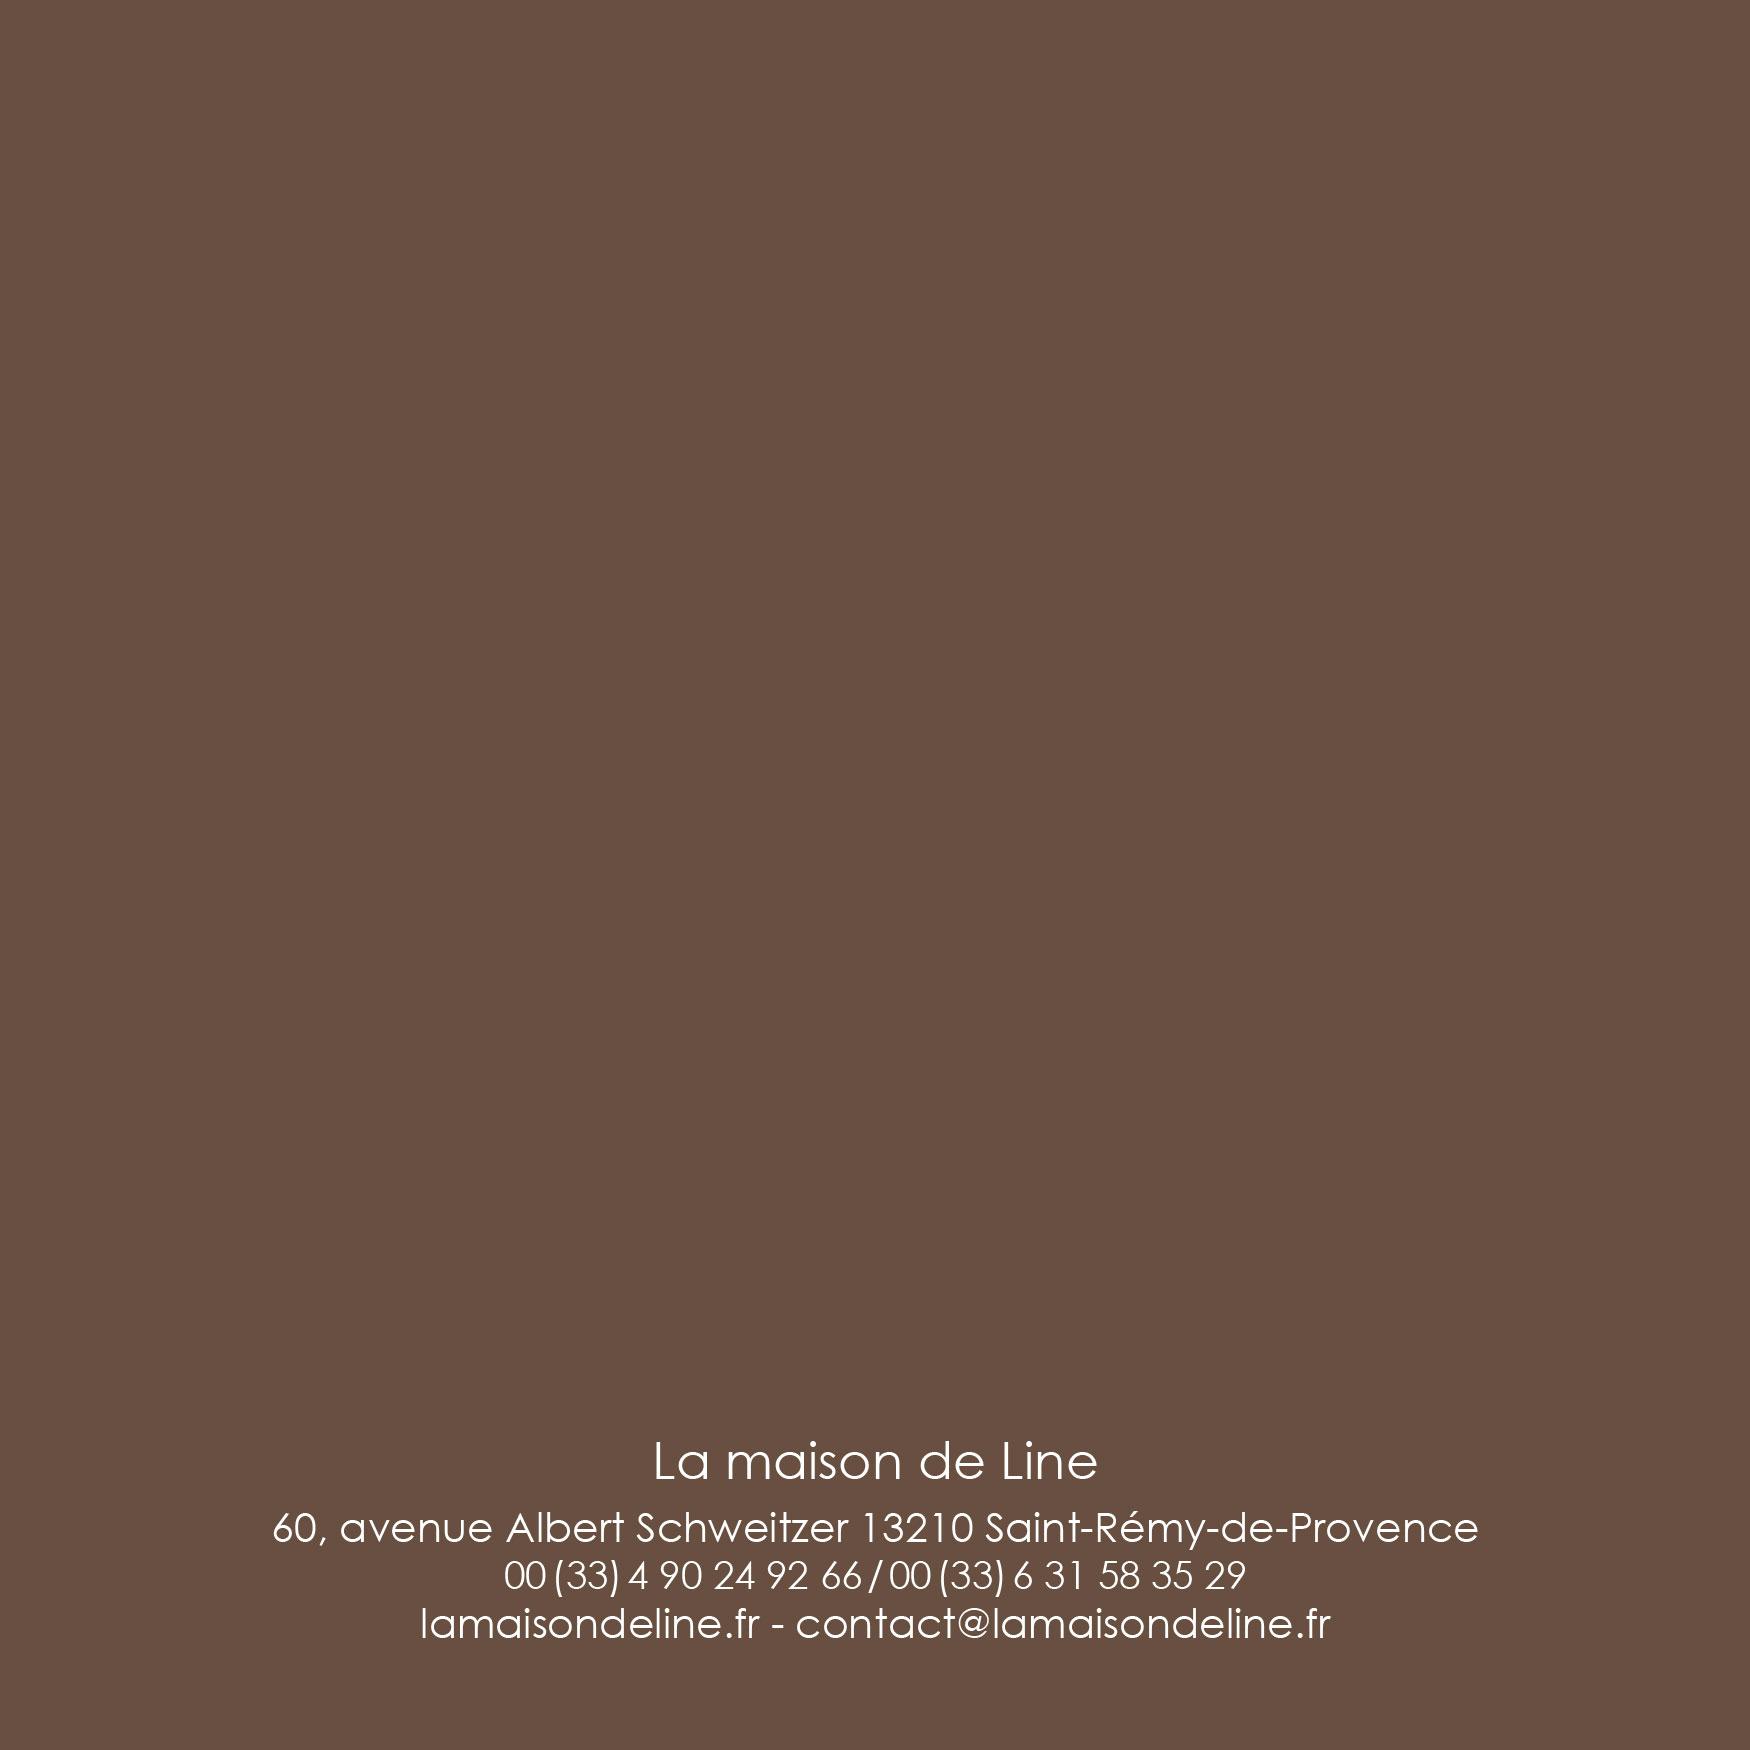 http://lamaisondeline.fr/wp-content/uploads/2016/05/LML-plaquette2016T9HD-24.jpg